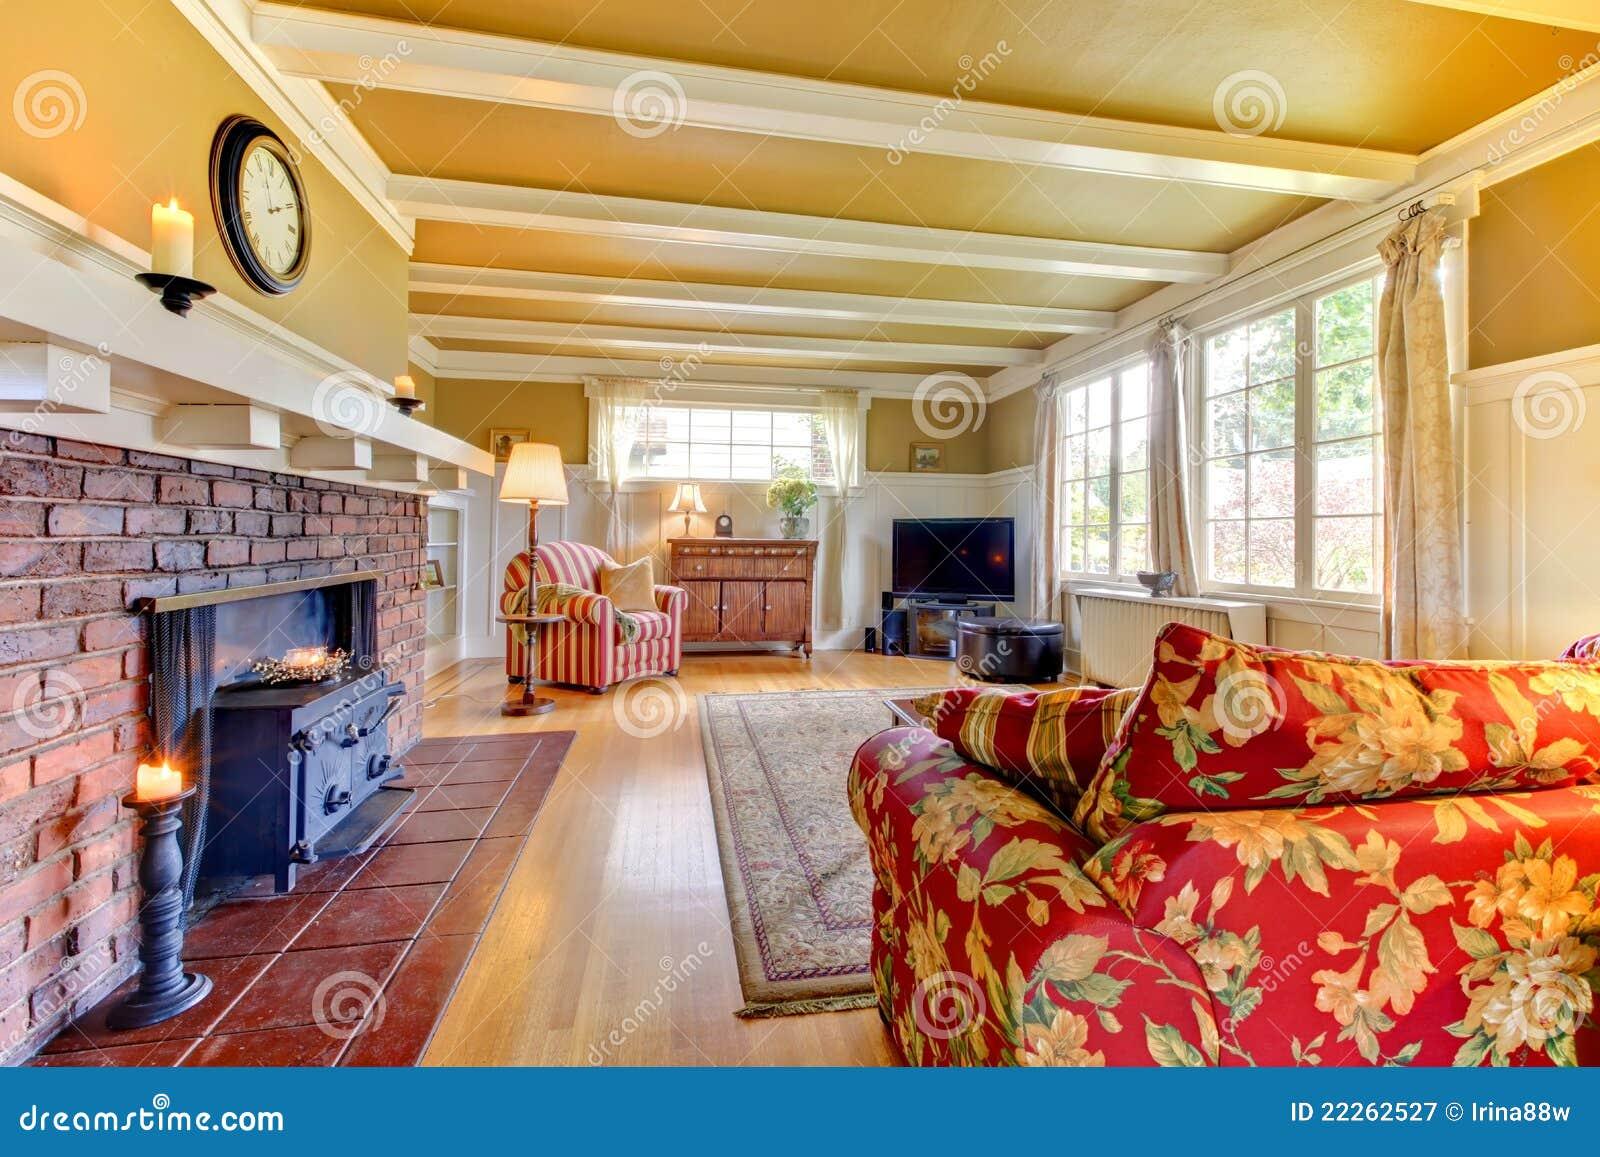 goldenes wohnzimmer mit kamin mit rotem sofa. lizenzfreie